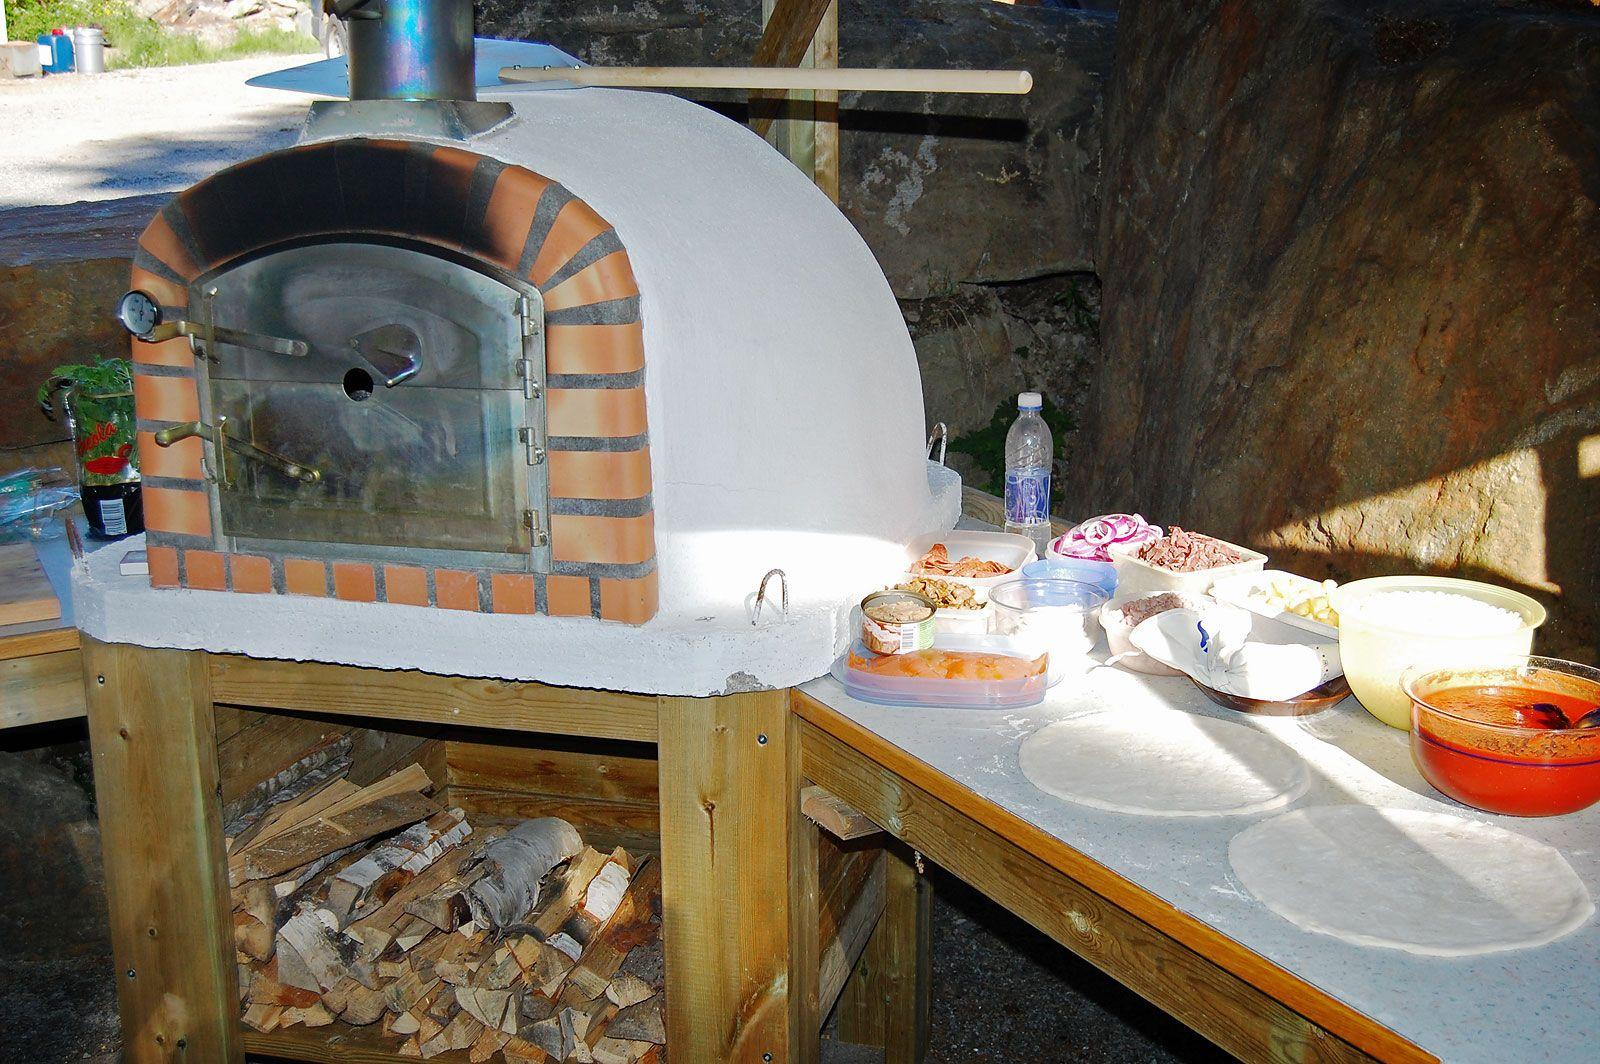 Ulkokeittiö Kälviällä. Cozzin kiviuunin ympärille on rakennettu tasot leipomista varten. Pieni puuvarasto uunin alapuolella helpottaa uunin lämmitystä.